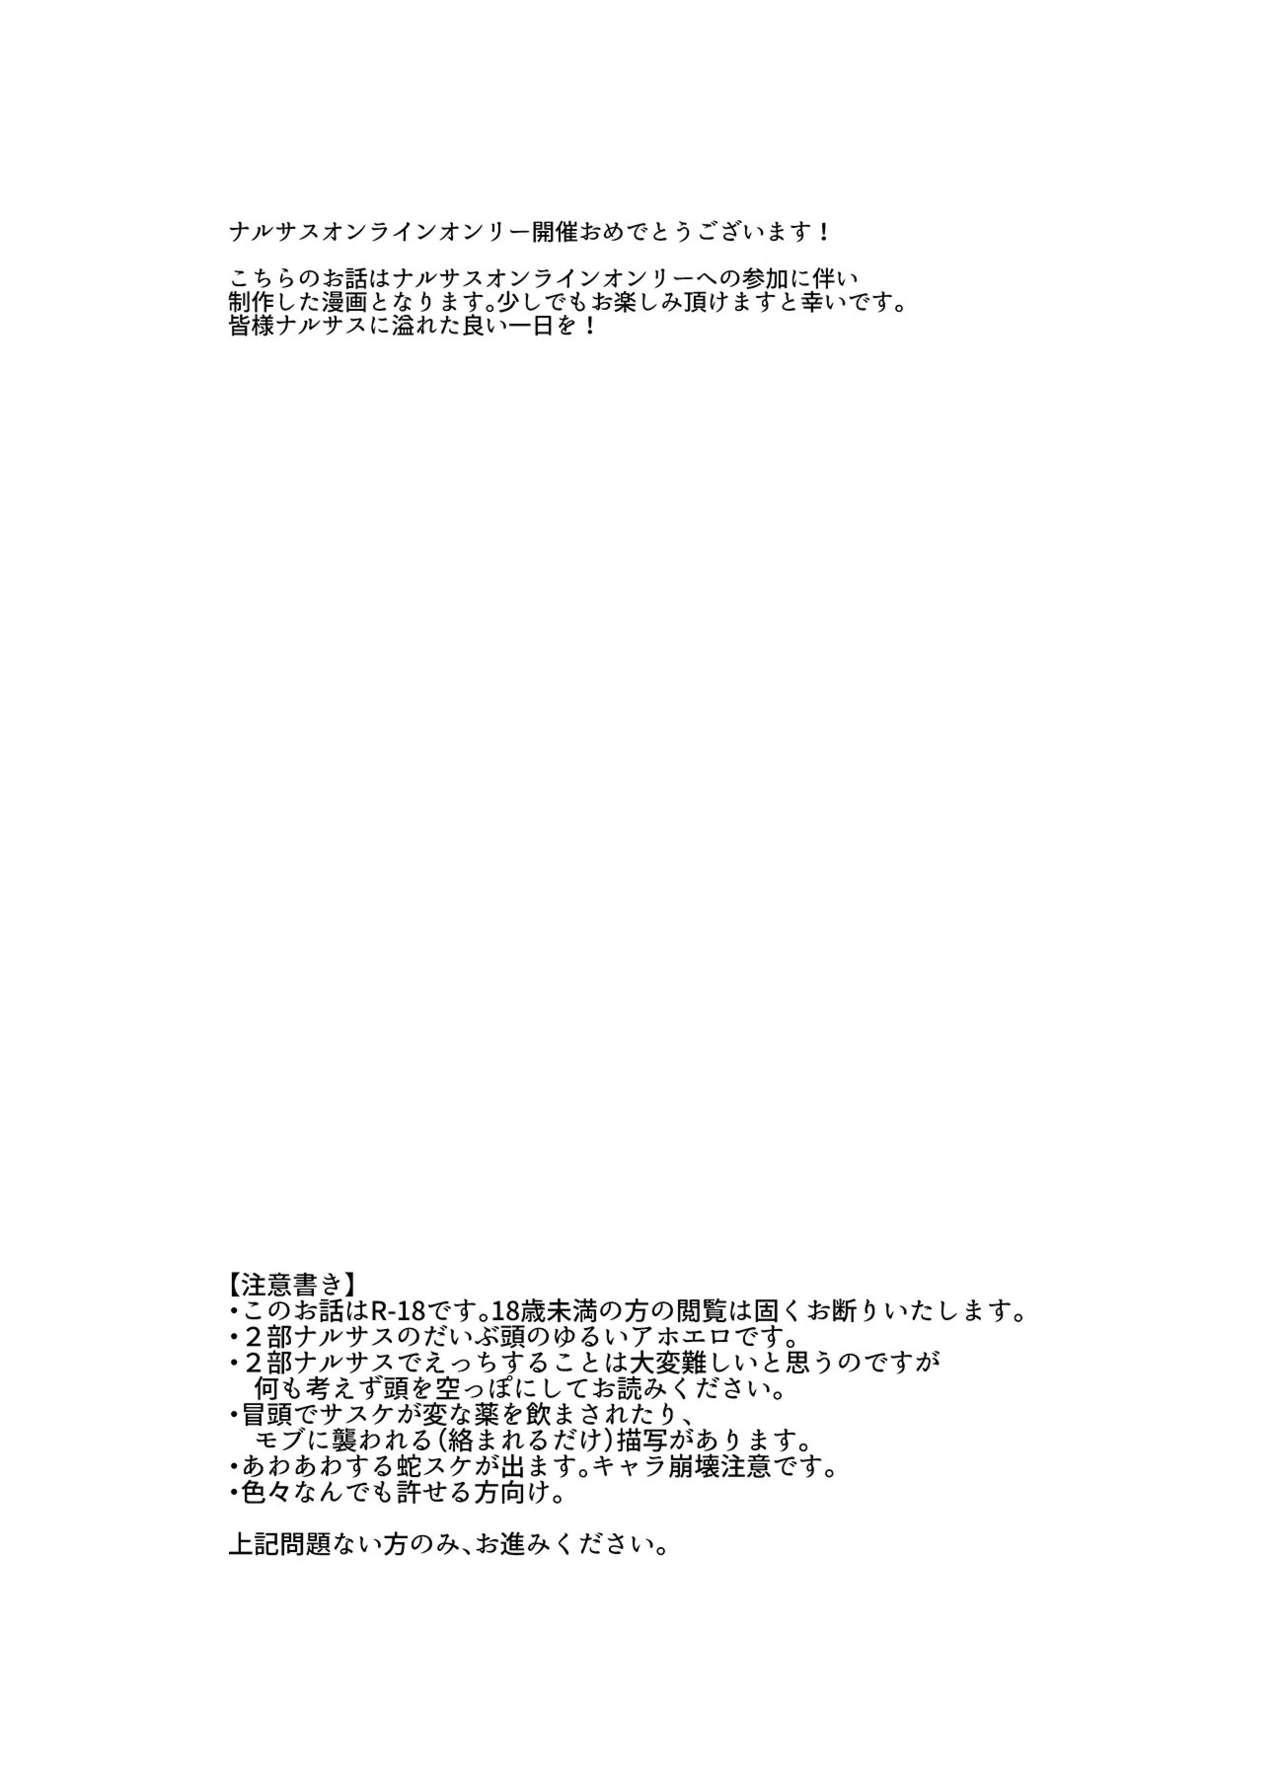 NaruSasu Only Kaisei Omedetougozaimasu! 1